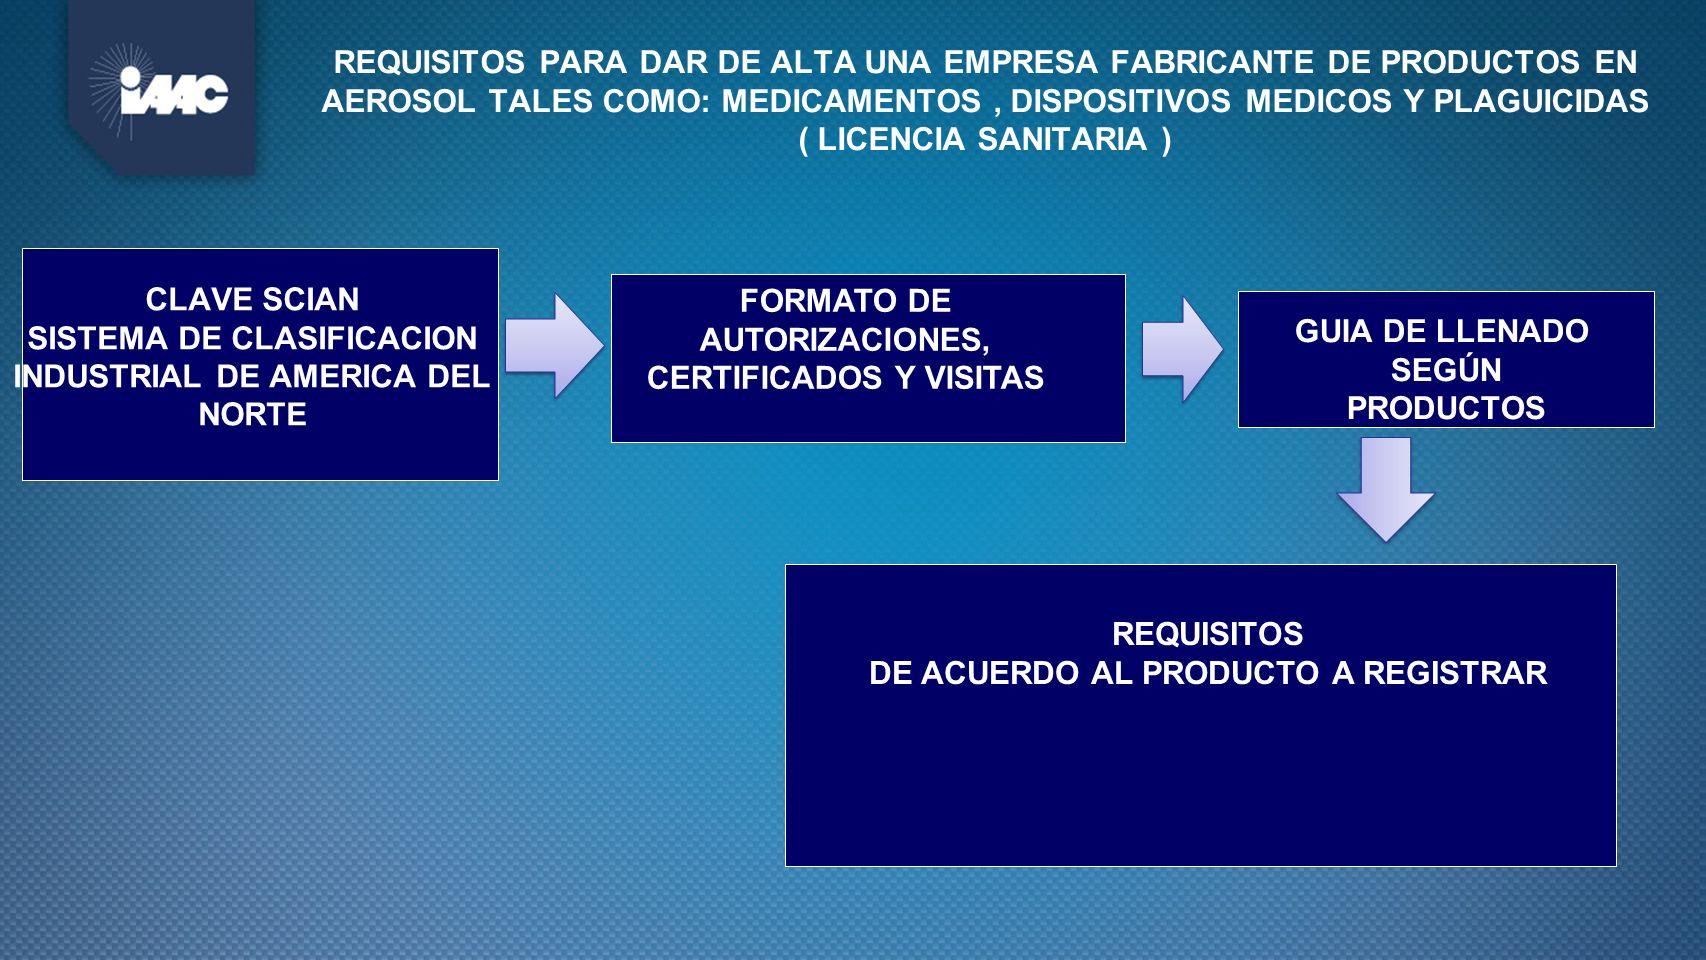 CLAVE SCIAN SISTEMA DE CLASIFICACION INDUSTRIAL DE AMERICA DEL NORTE